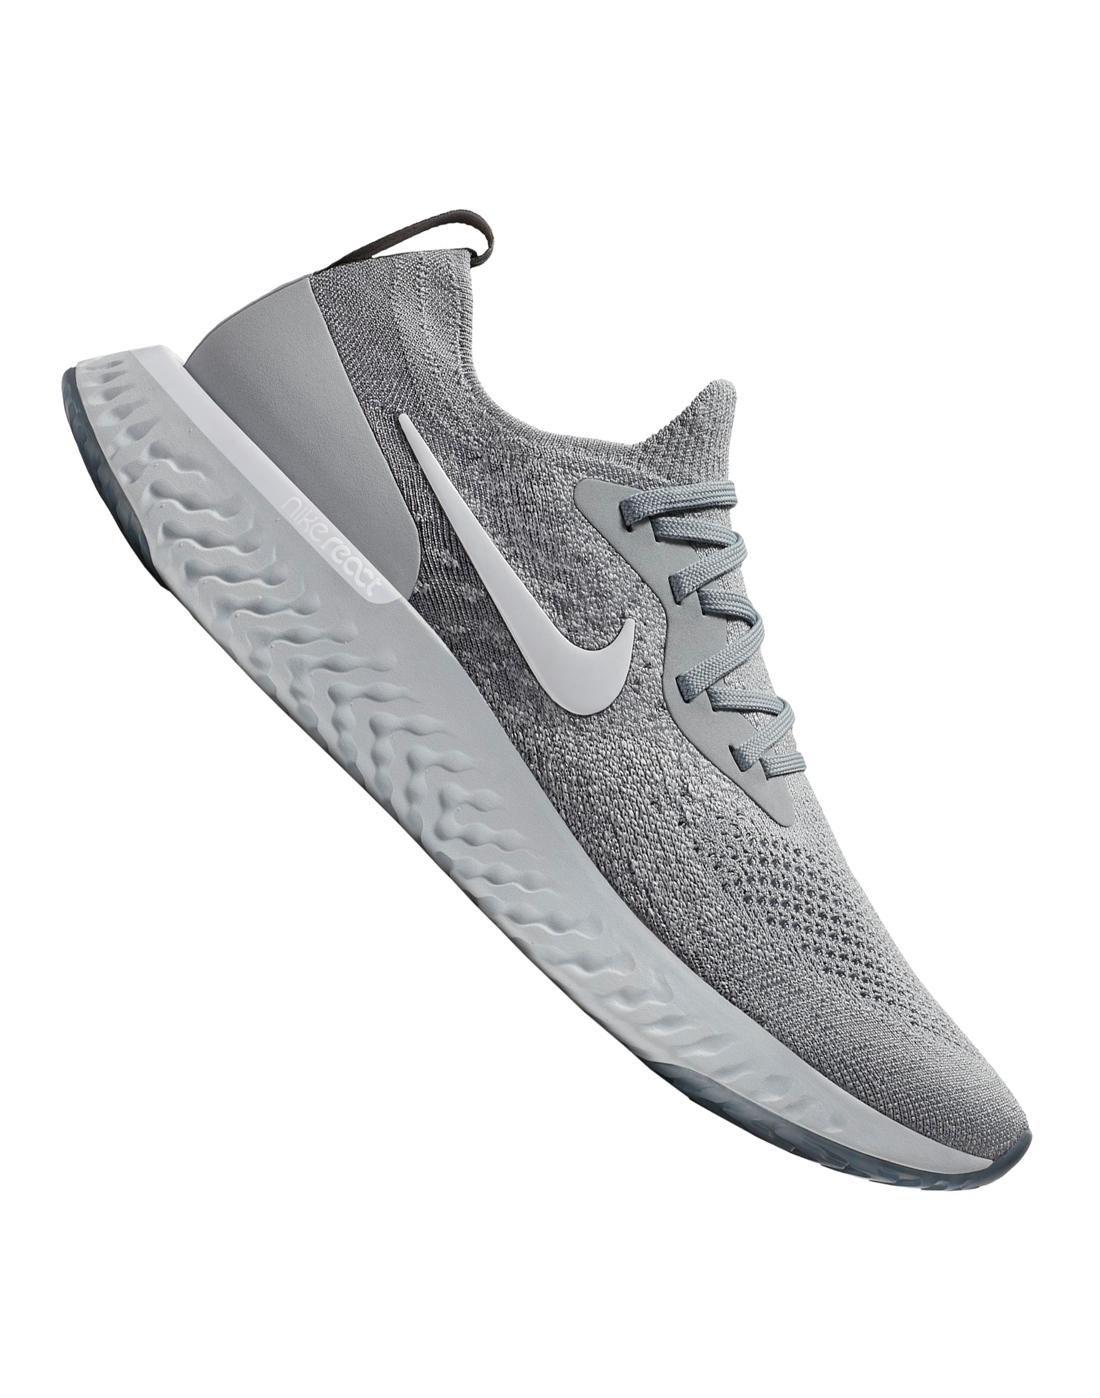 992df9a932b6 Men s Grey Nike Epic React Flyknit